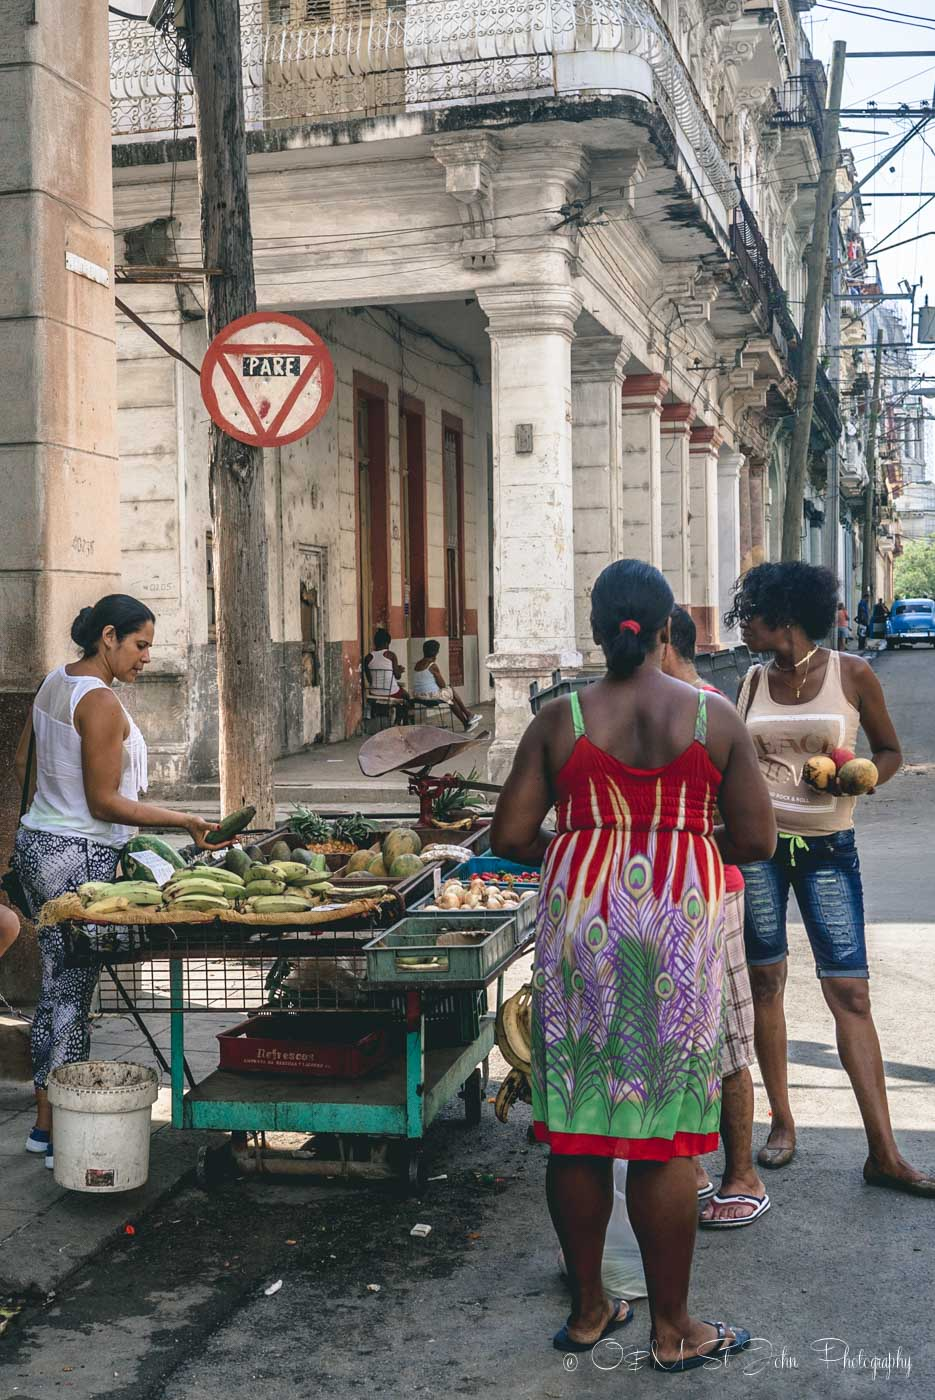 Veggie cart on a street in Havana, Cuba